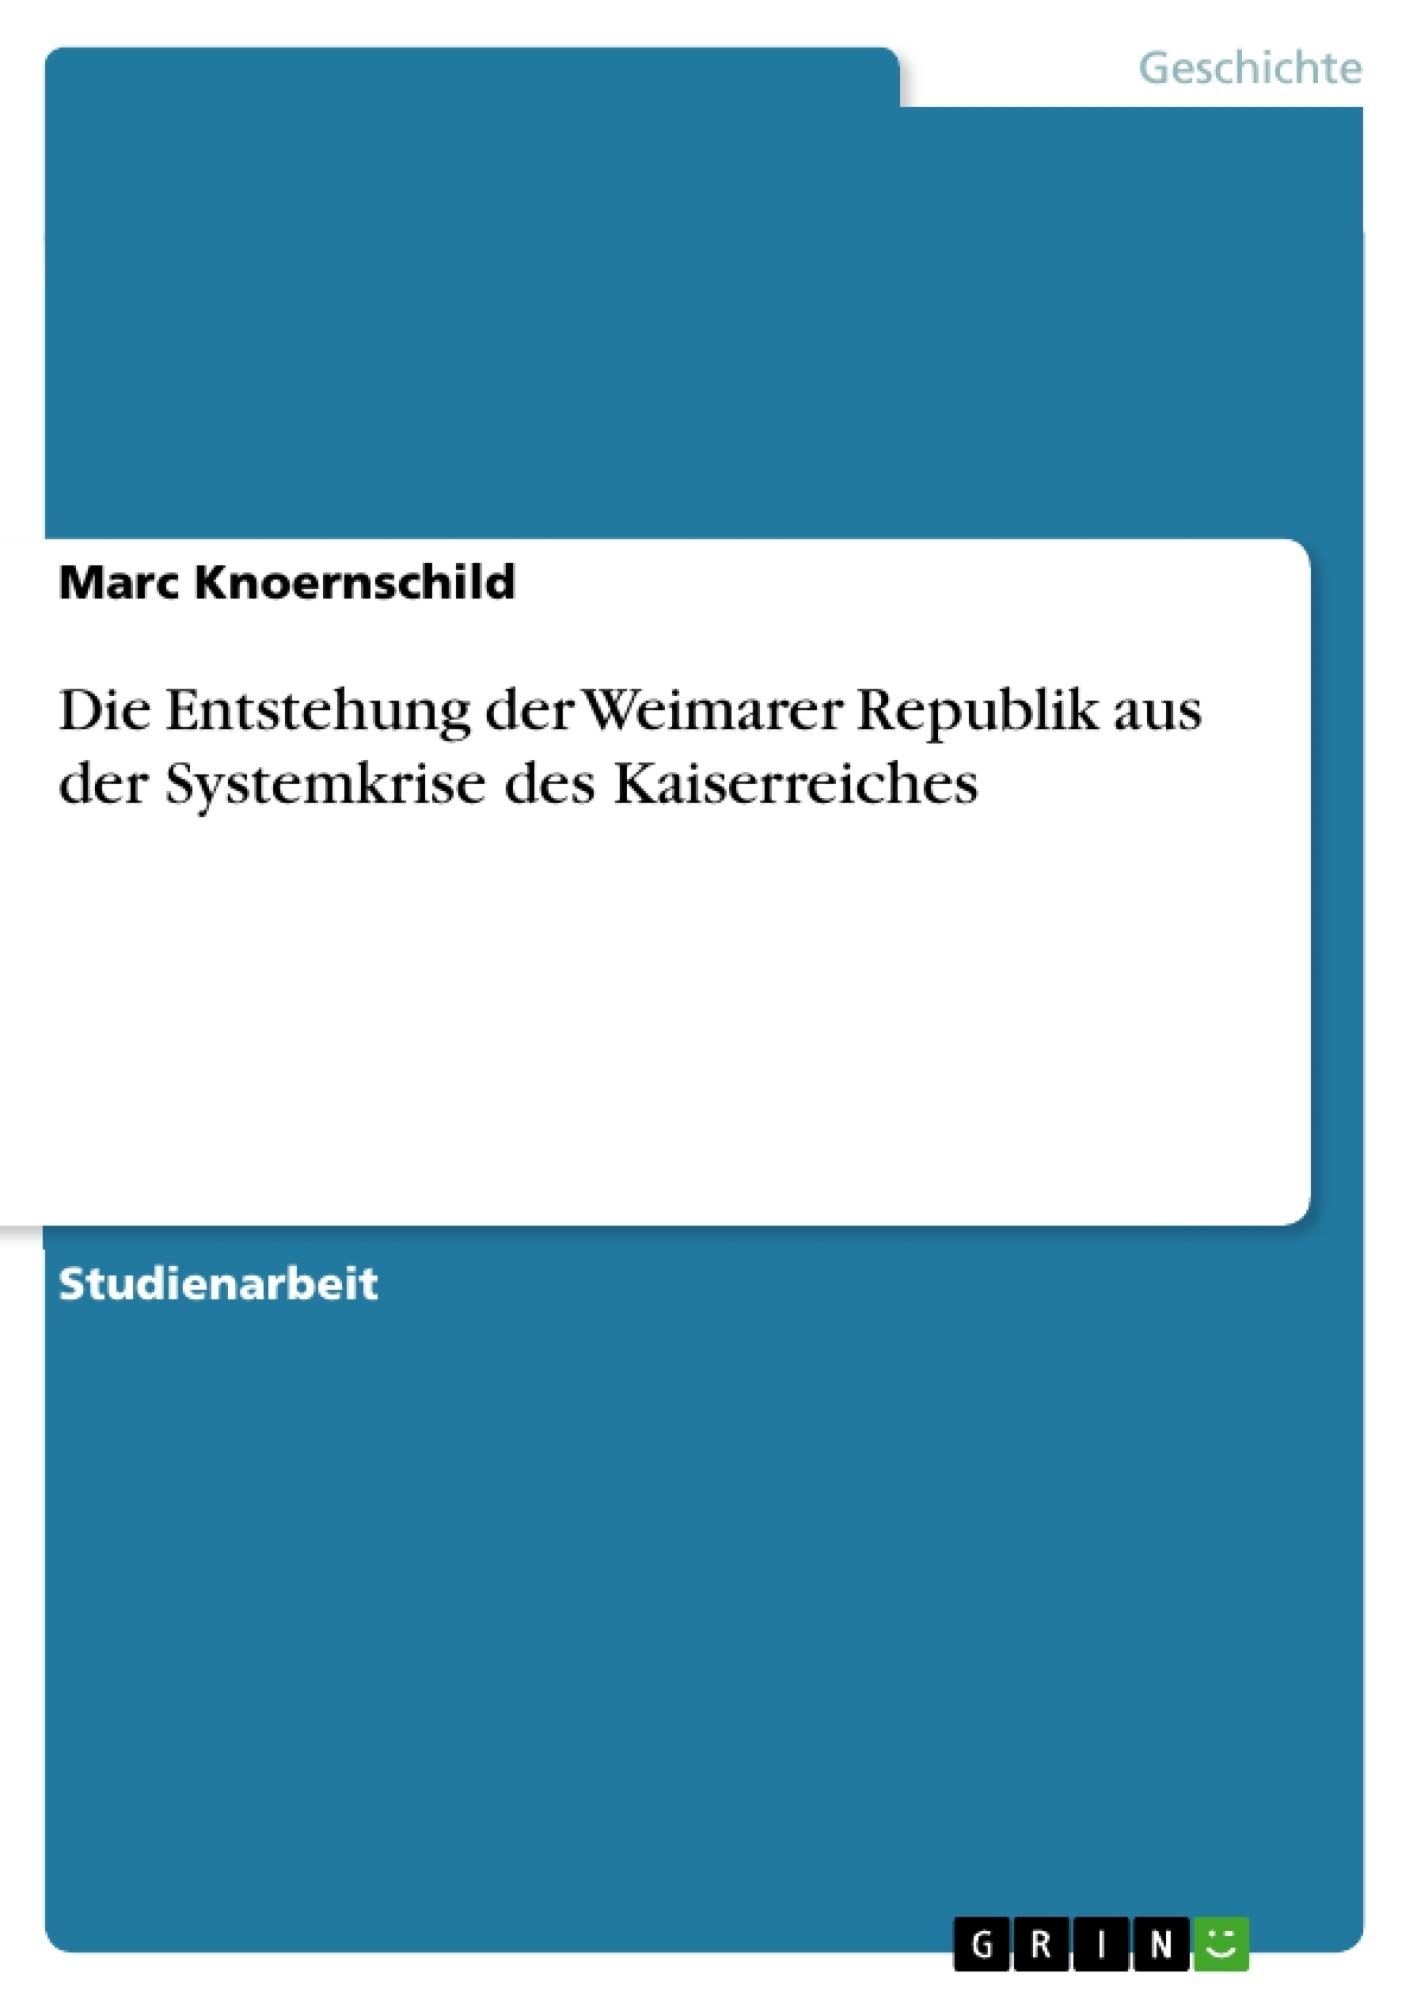 Titel: Die Entstehung der Weimarer Republik aus der Systemkrise des Kaiserreiches